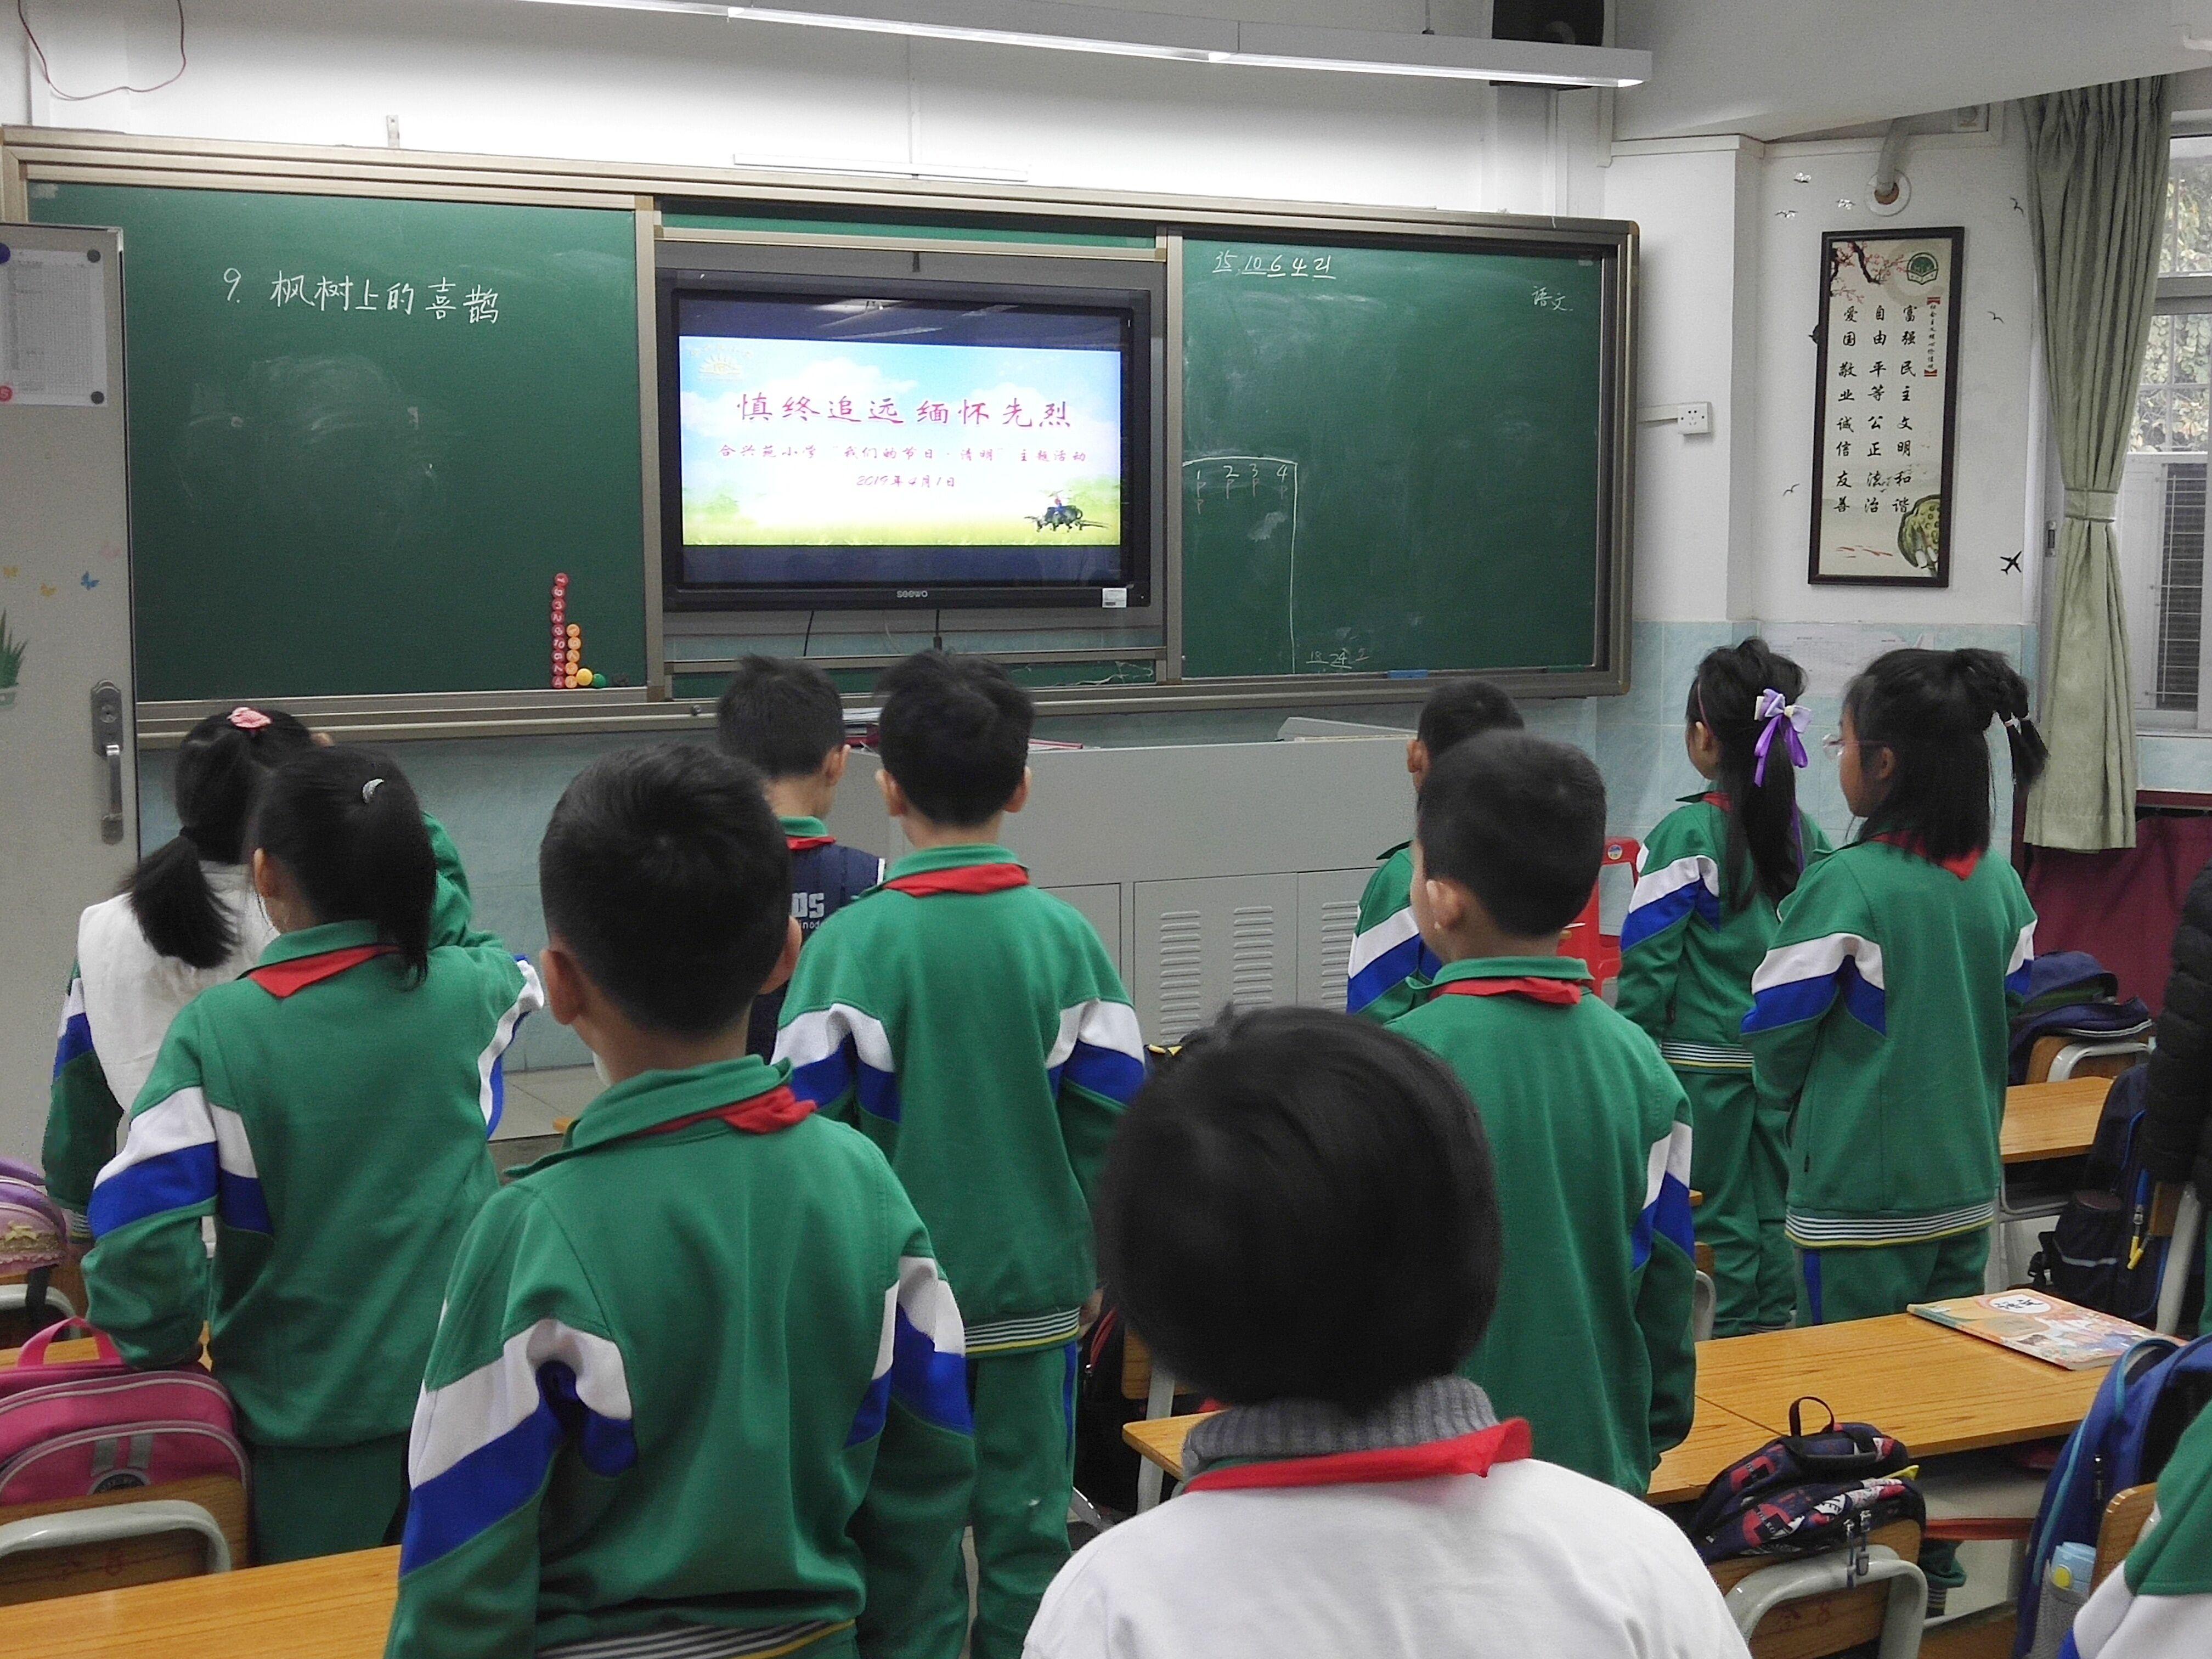 梁颖瑜老师以清明节活动为主题进行国旗下讲话2.jpg